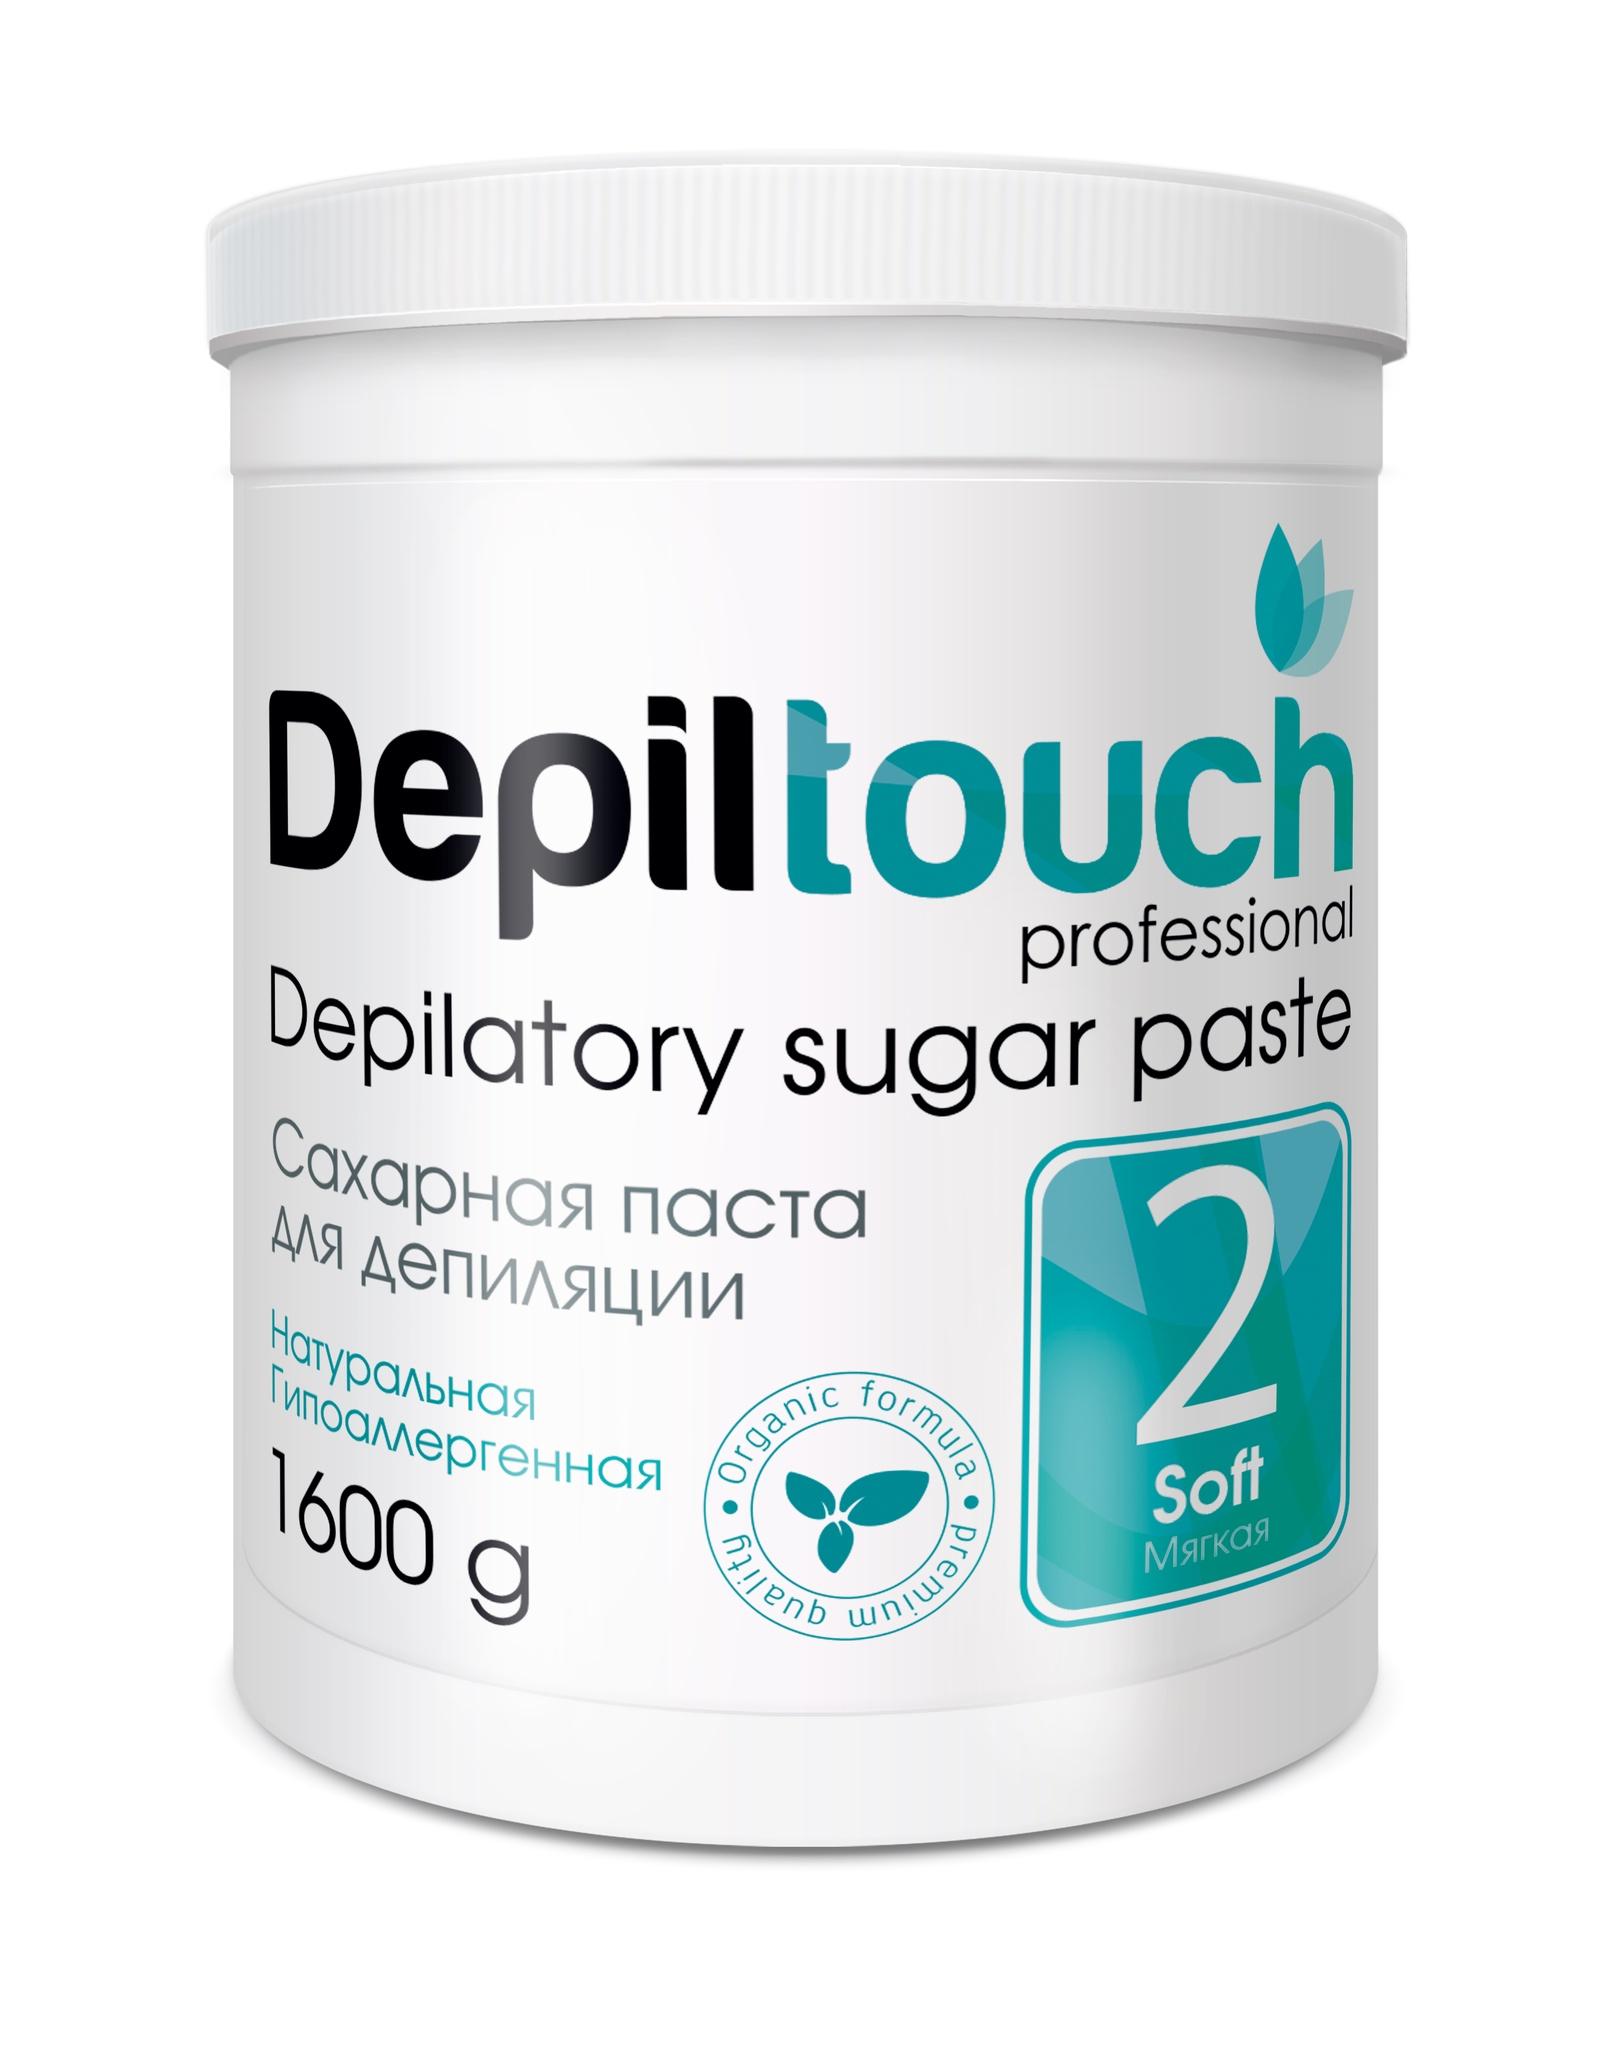 Depiltouch 87714 Сахарная паста для депиляции 2 МЯГКАЯ Depiltouch professional 1600г для депиляции